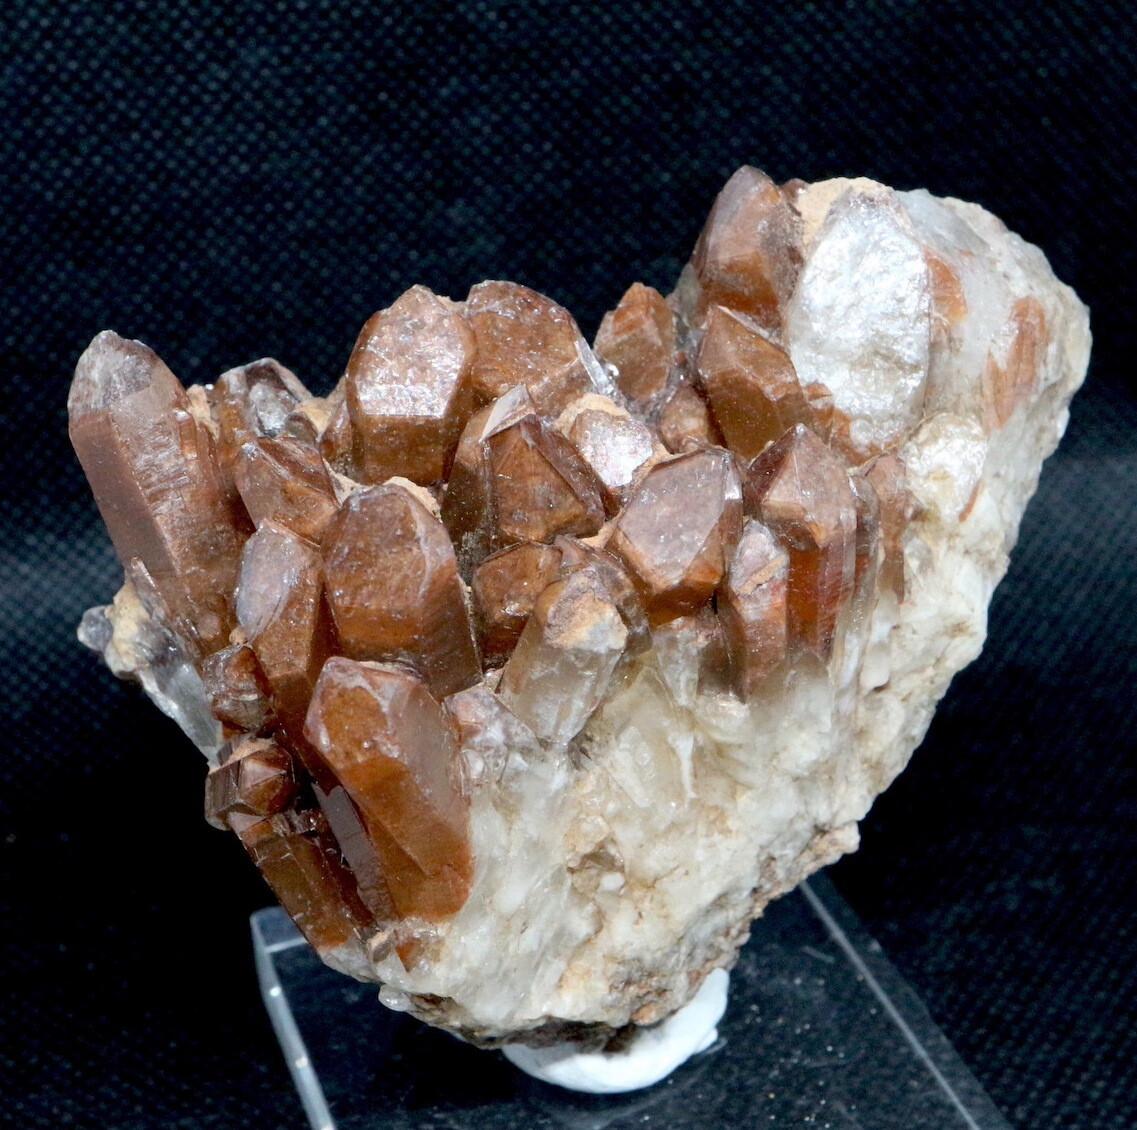 コロラド産 レッドフェザー レイクス クォーツ ヘマタイト 水晶 合計203,9g RFQ020 鉱物 原石 天然石 パワーストーン